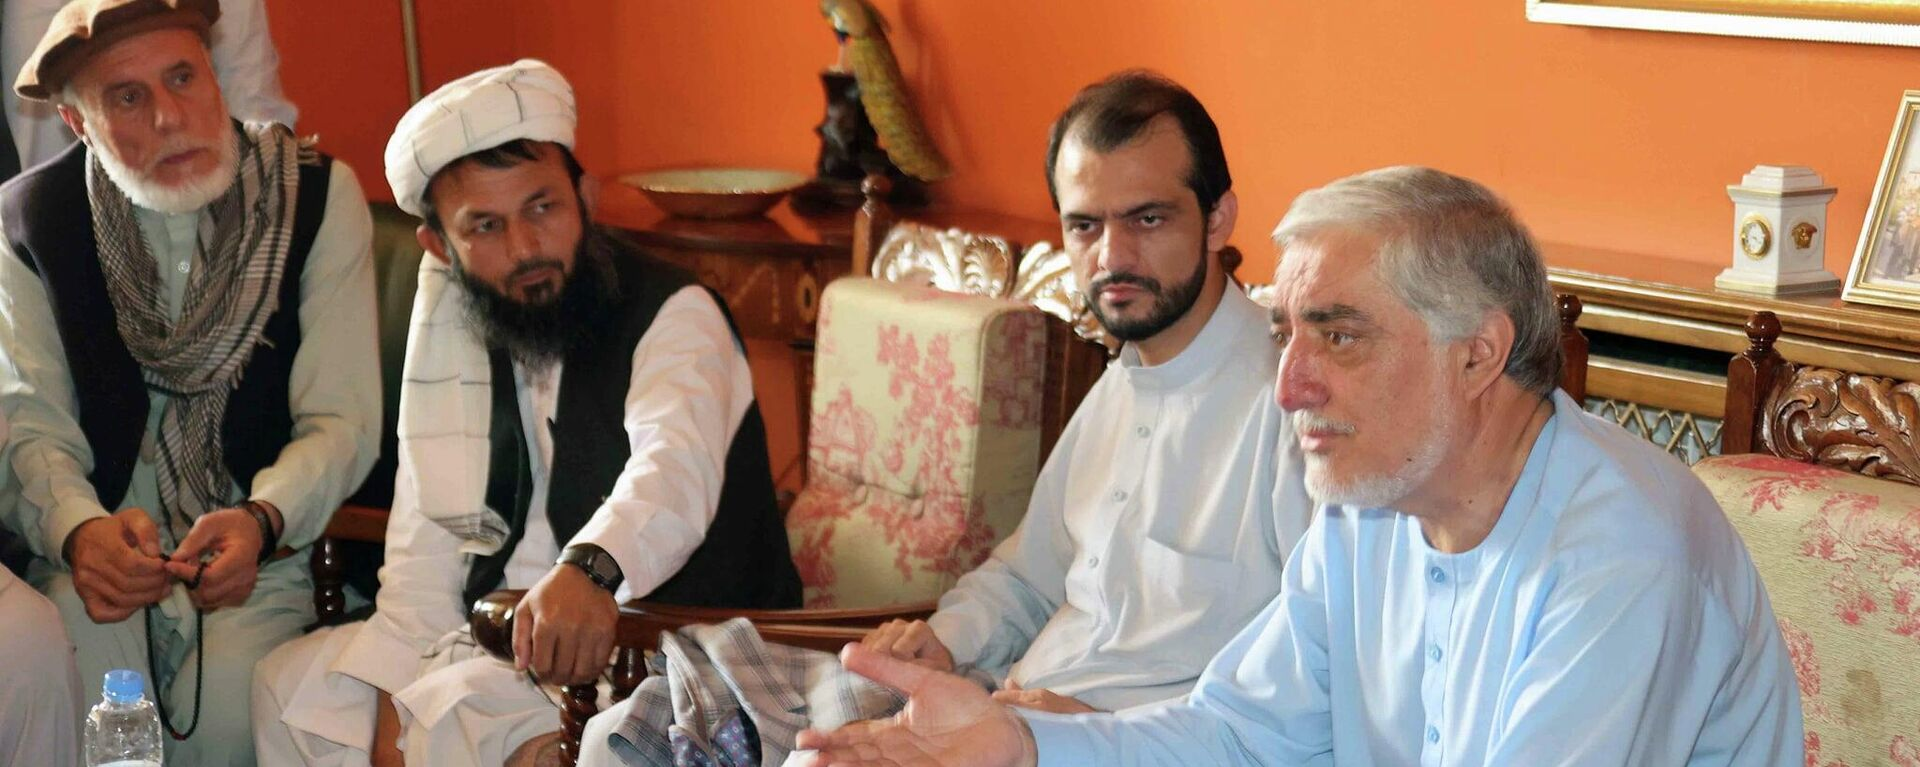 Экс-президент Карзай и глава совета по примирению в Афганистане Доктор Абдулла ведут переговоры с представителями Панджшера - Sputnik Таджикистан, 1920, 20.08.2021